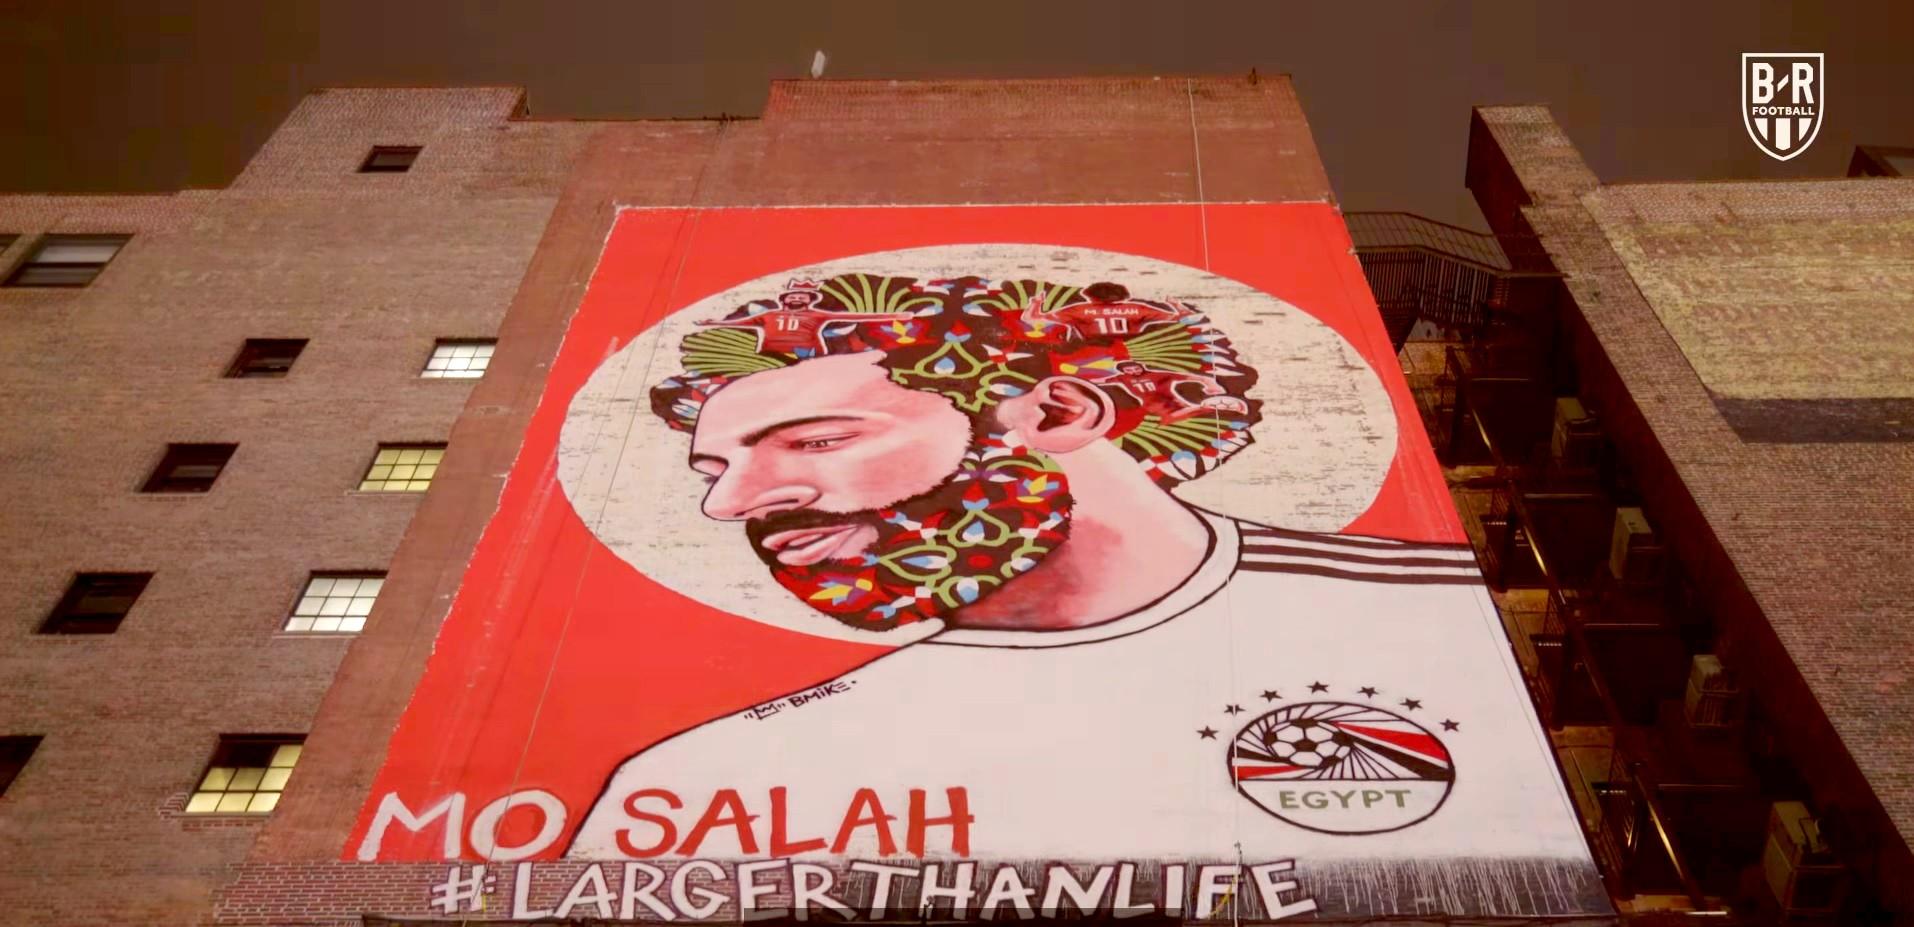 Голова лисиці. Мохамед Салах змінює курс єгипетського футболу - изображение 2